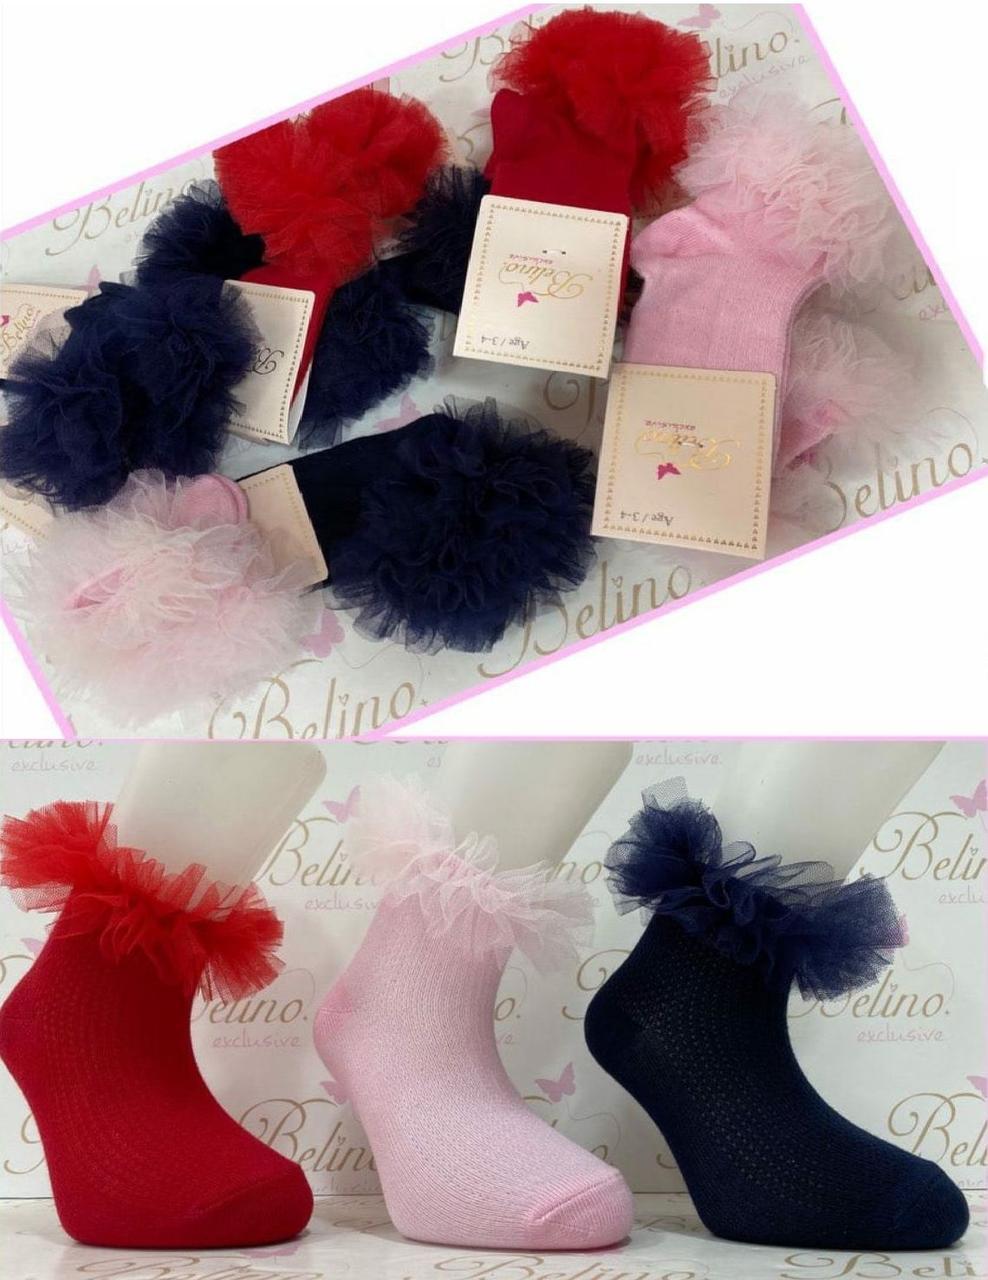 Шкарпетки бавовняні для дівчаток 5-6 років ТМ Belino 2589612730194